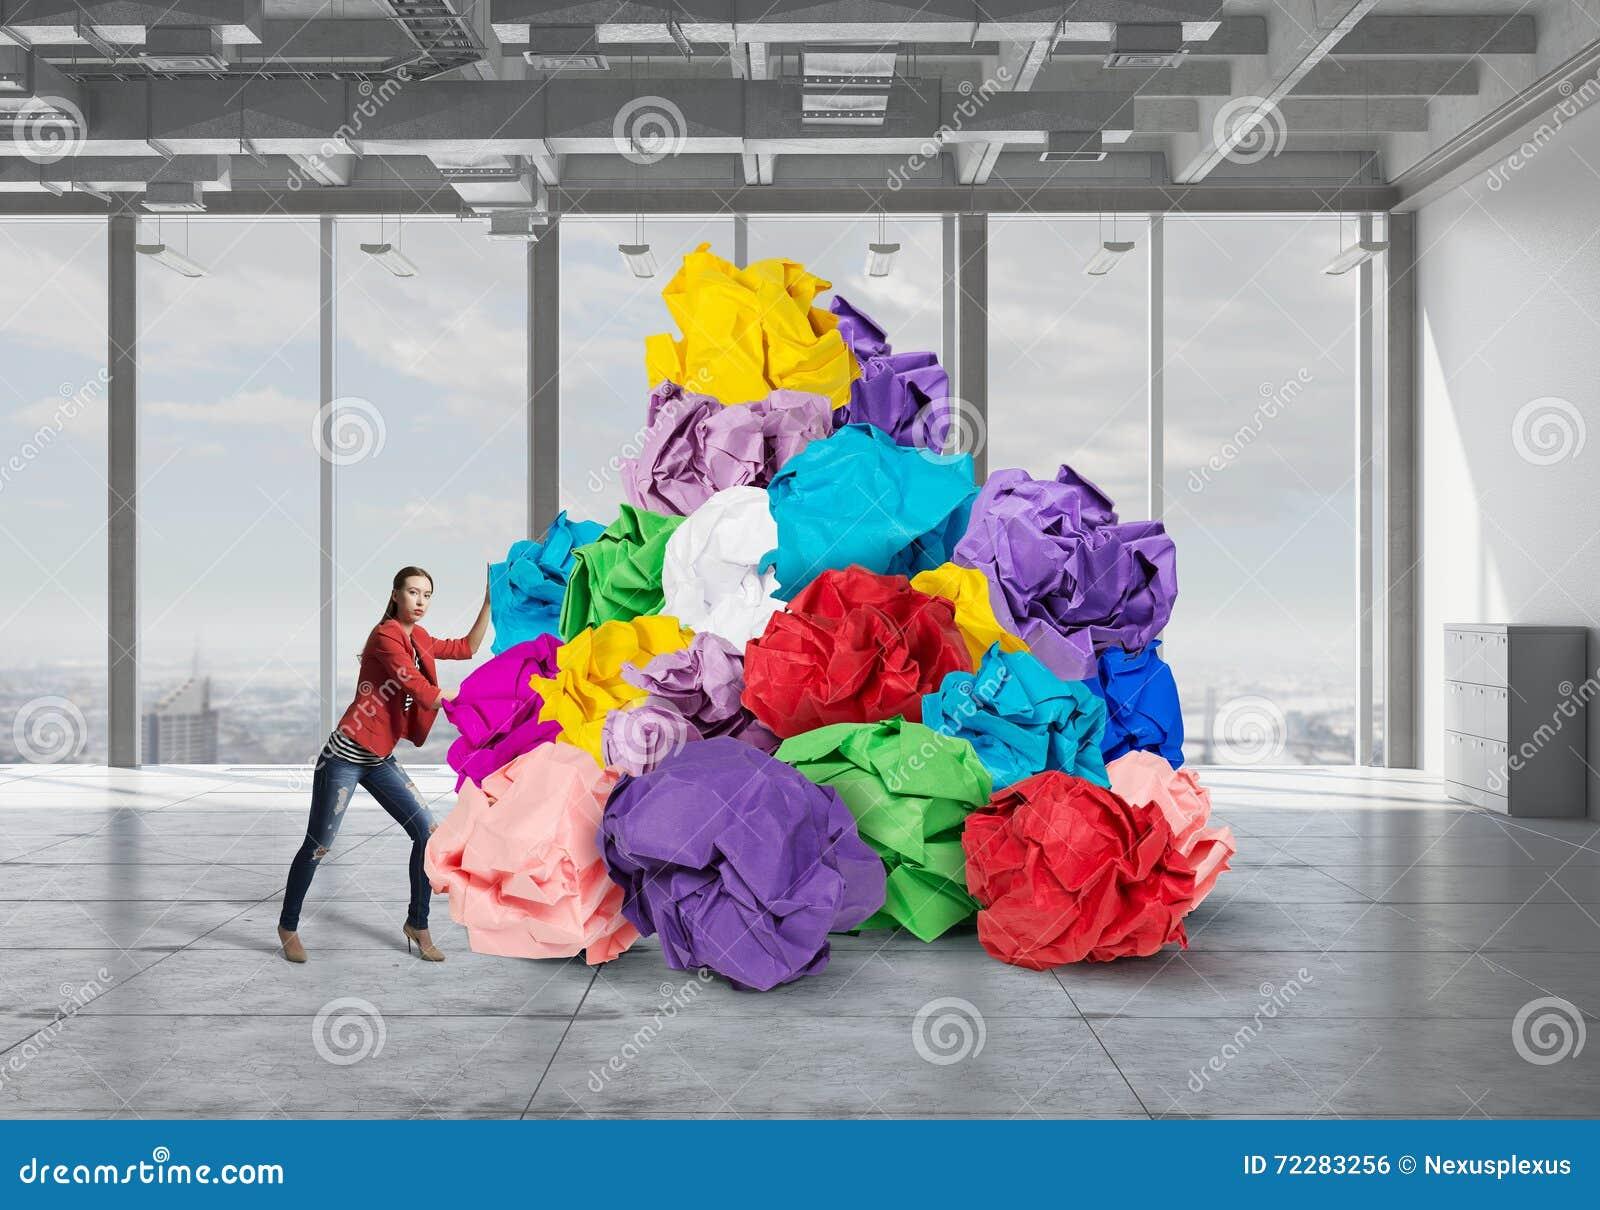 Download В поисках хороших идеи и воодушевленности Стоковое Фото - изображение насчитывающей разрешение, план: 72283256